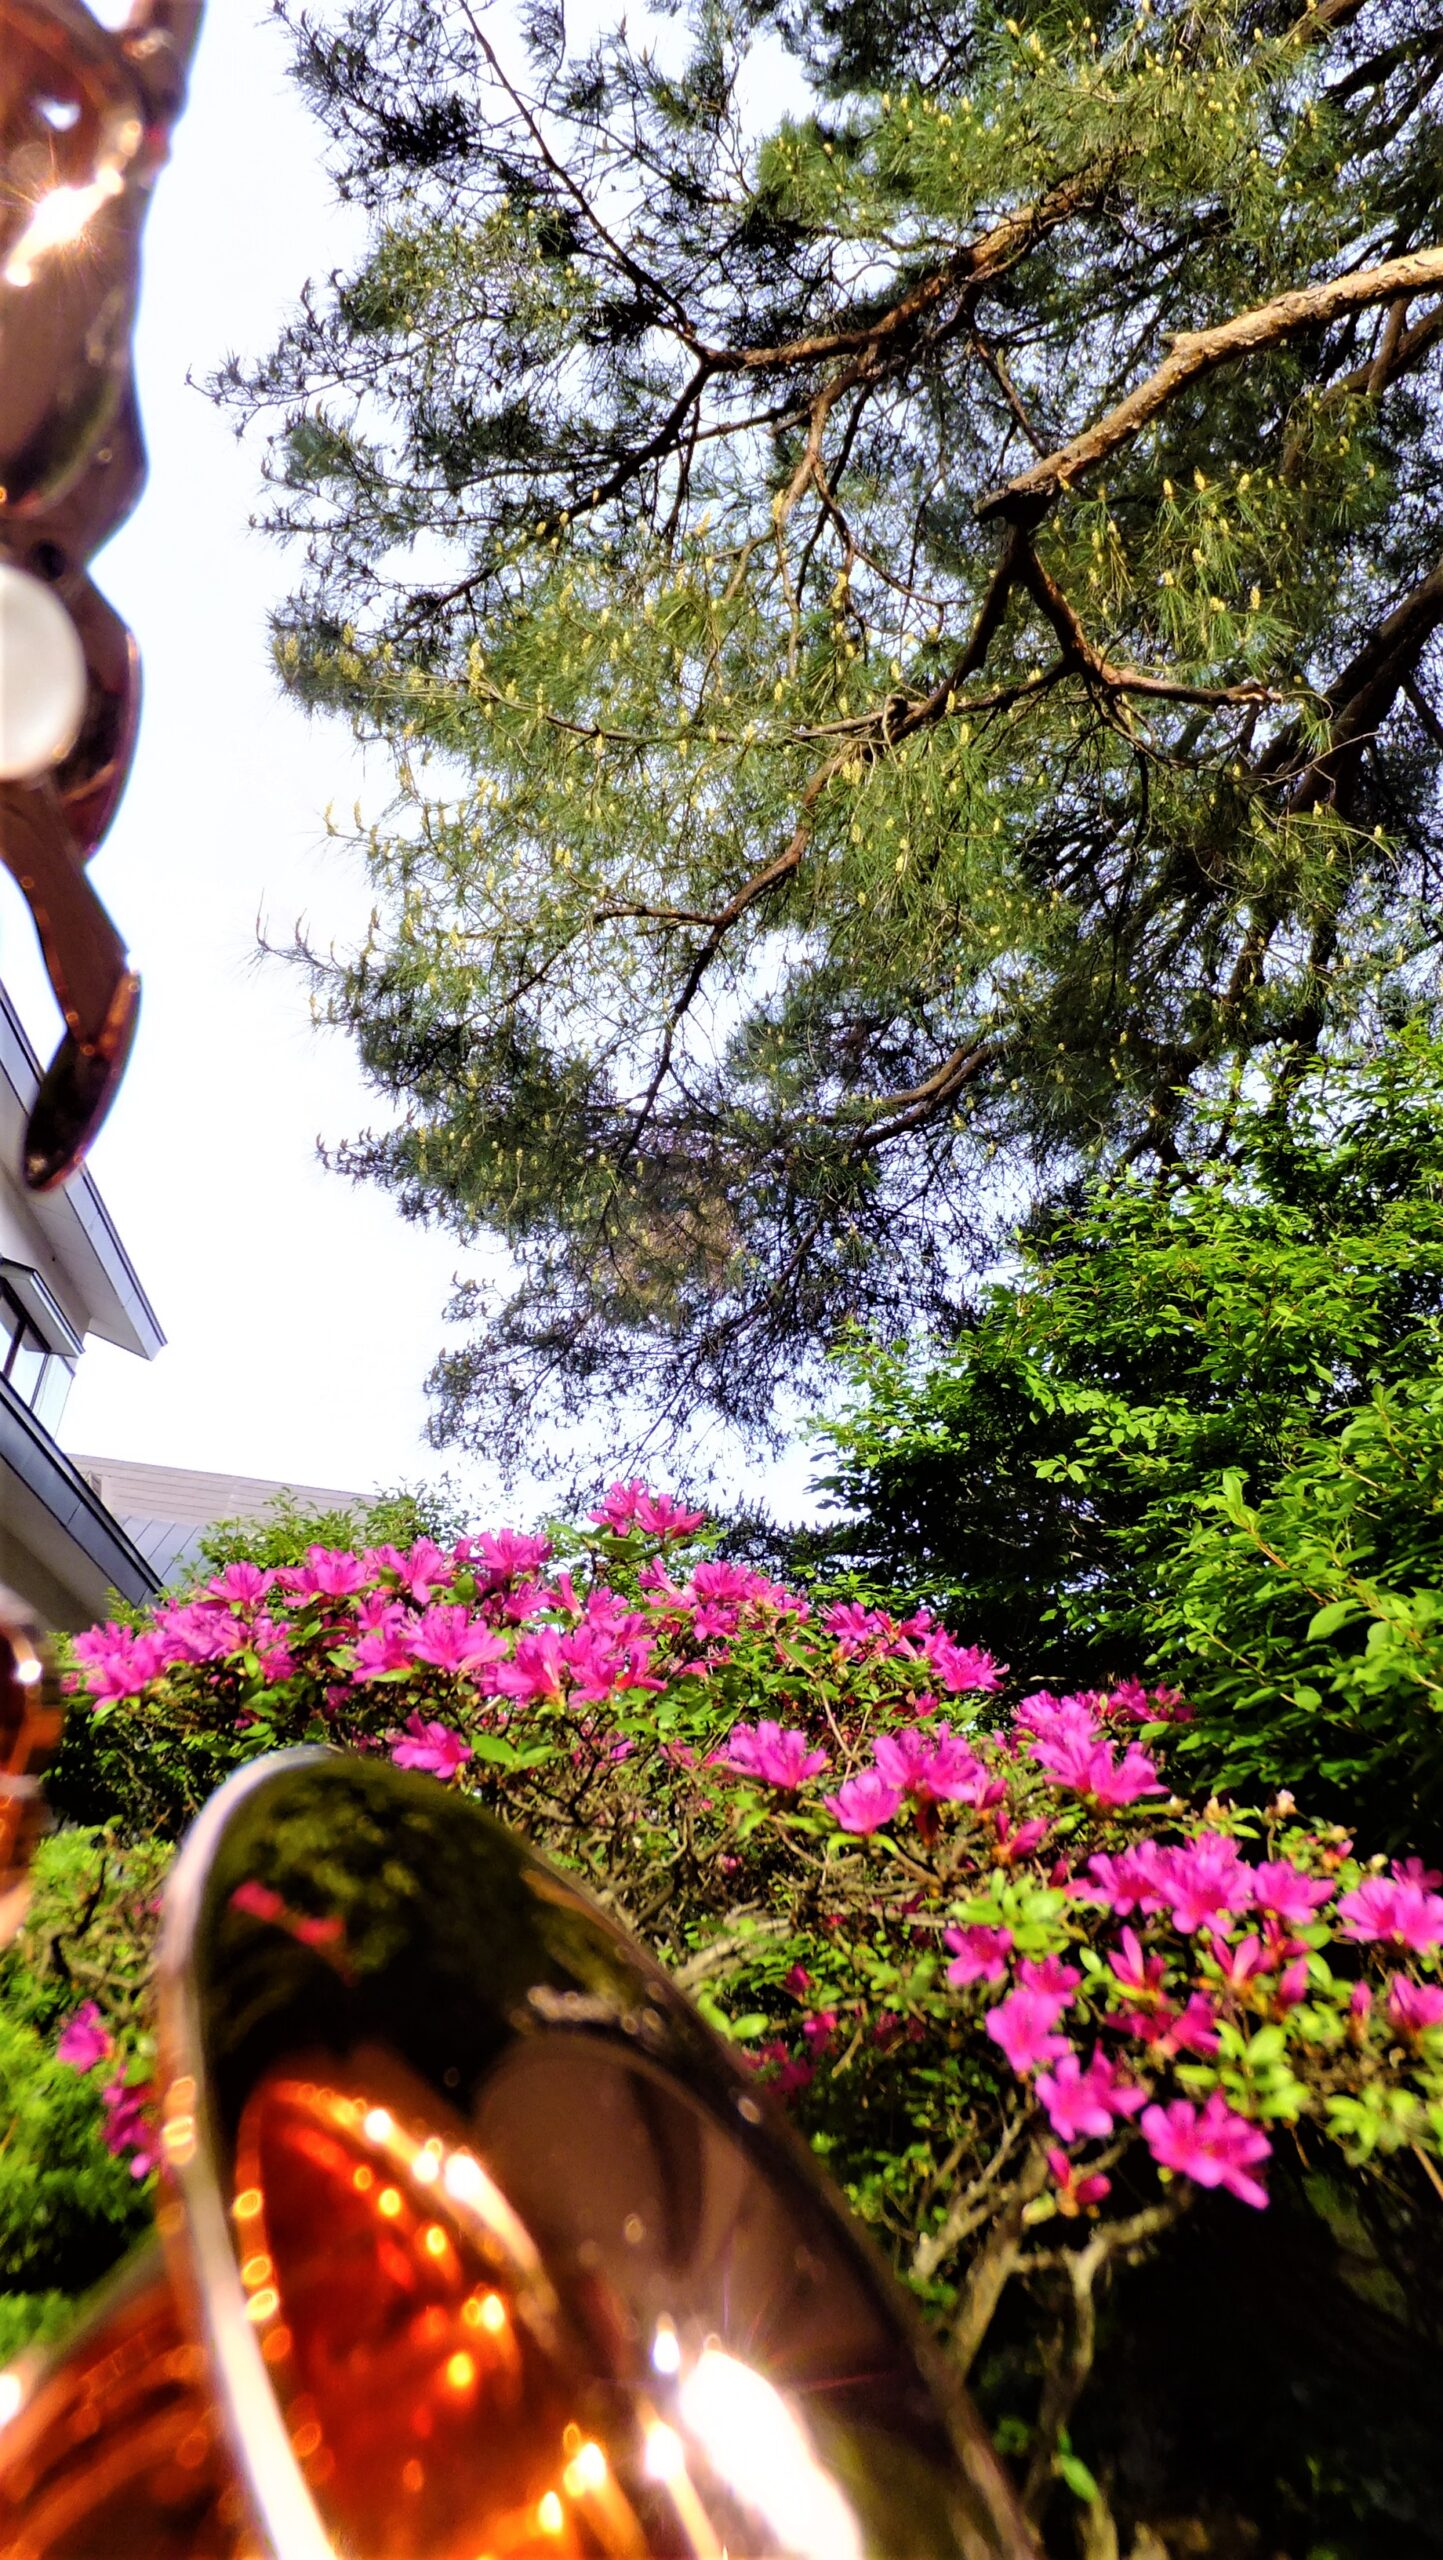 飯塚雅幸&藤間知枝自宅入り口「門被り(もんかぶり)の松」です。